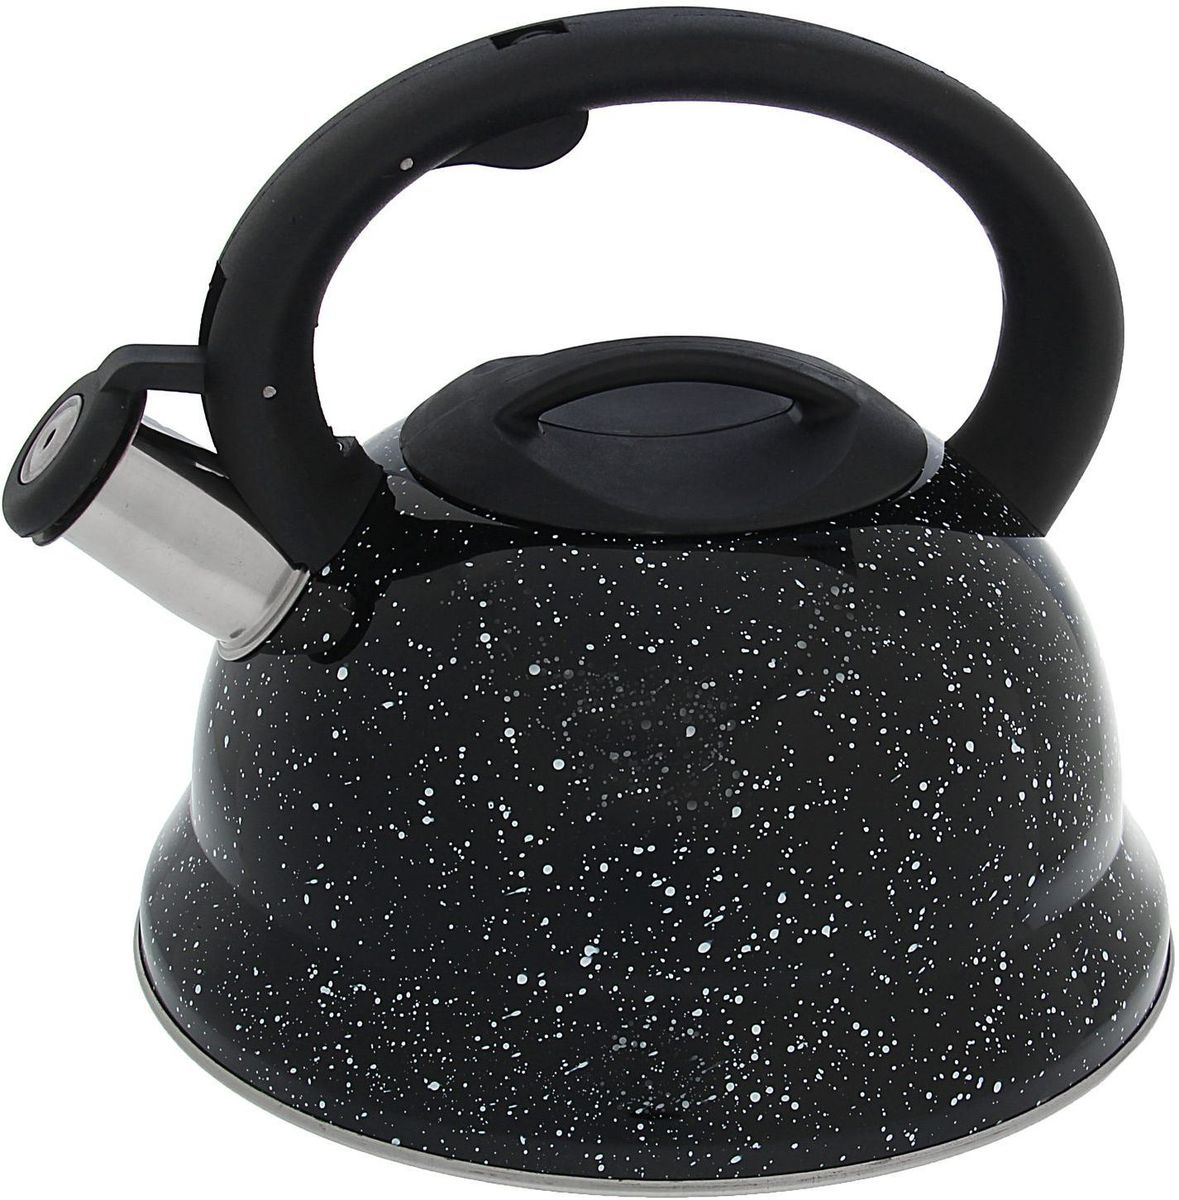 Чайник Доляна Рио, со свистком, цвет: черный, 2,8 л1405205Чайник Доляна Рио выполнен из высококачественной нержавеющей стали. Материал изделия отличается неприхотливостью в уходе, безукоризненной функциональностью, гигиеничностью и стойкостью к коррозии. Чайники из нержавеющей стали абсолютно безопасны для здоровья человека. Благодаря низкой теплопроводности и оптимальному соотношению дна и стенок вода дольше остается горячей, а качественное дно гарантирует быстрый нагрев. Чайник при кипячении сохраняет все полезные свойства воды. Чайник снабжен фиксированной пластиковой ручкой. Удобная ручка не нагревается, и поэтому вероятность ожогов сводится к минимуму. Свисток на носике чайника громко оповестит, когда закипела вода. Свисток открывается нажатием кнопки на рукоятке. Внешние стенки выполнены под мрамор. Подходит для газовых, электрических, стеклокерамических, галогеновых, индукционных плит. Рекомендуется ручная мойка.